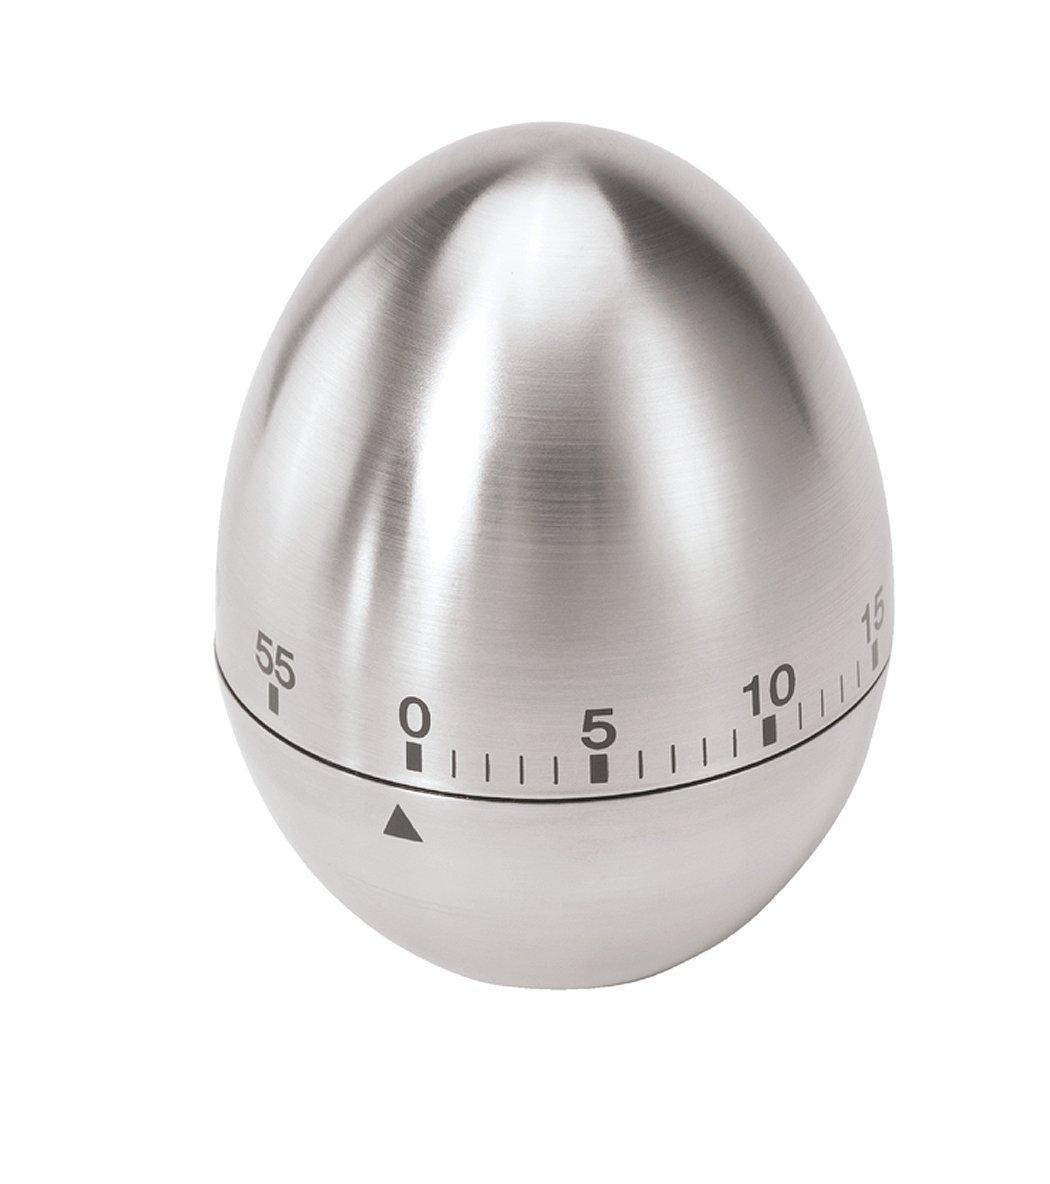 Oggi Egg Stainless Steel 60-Minute Kitchen Timer